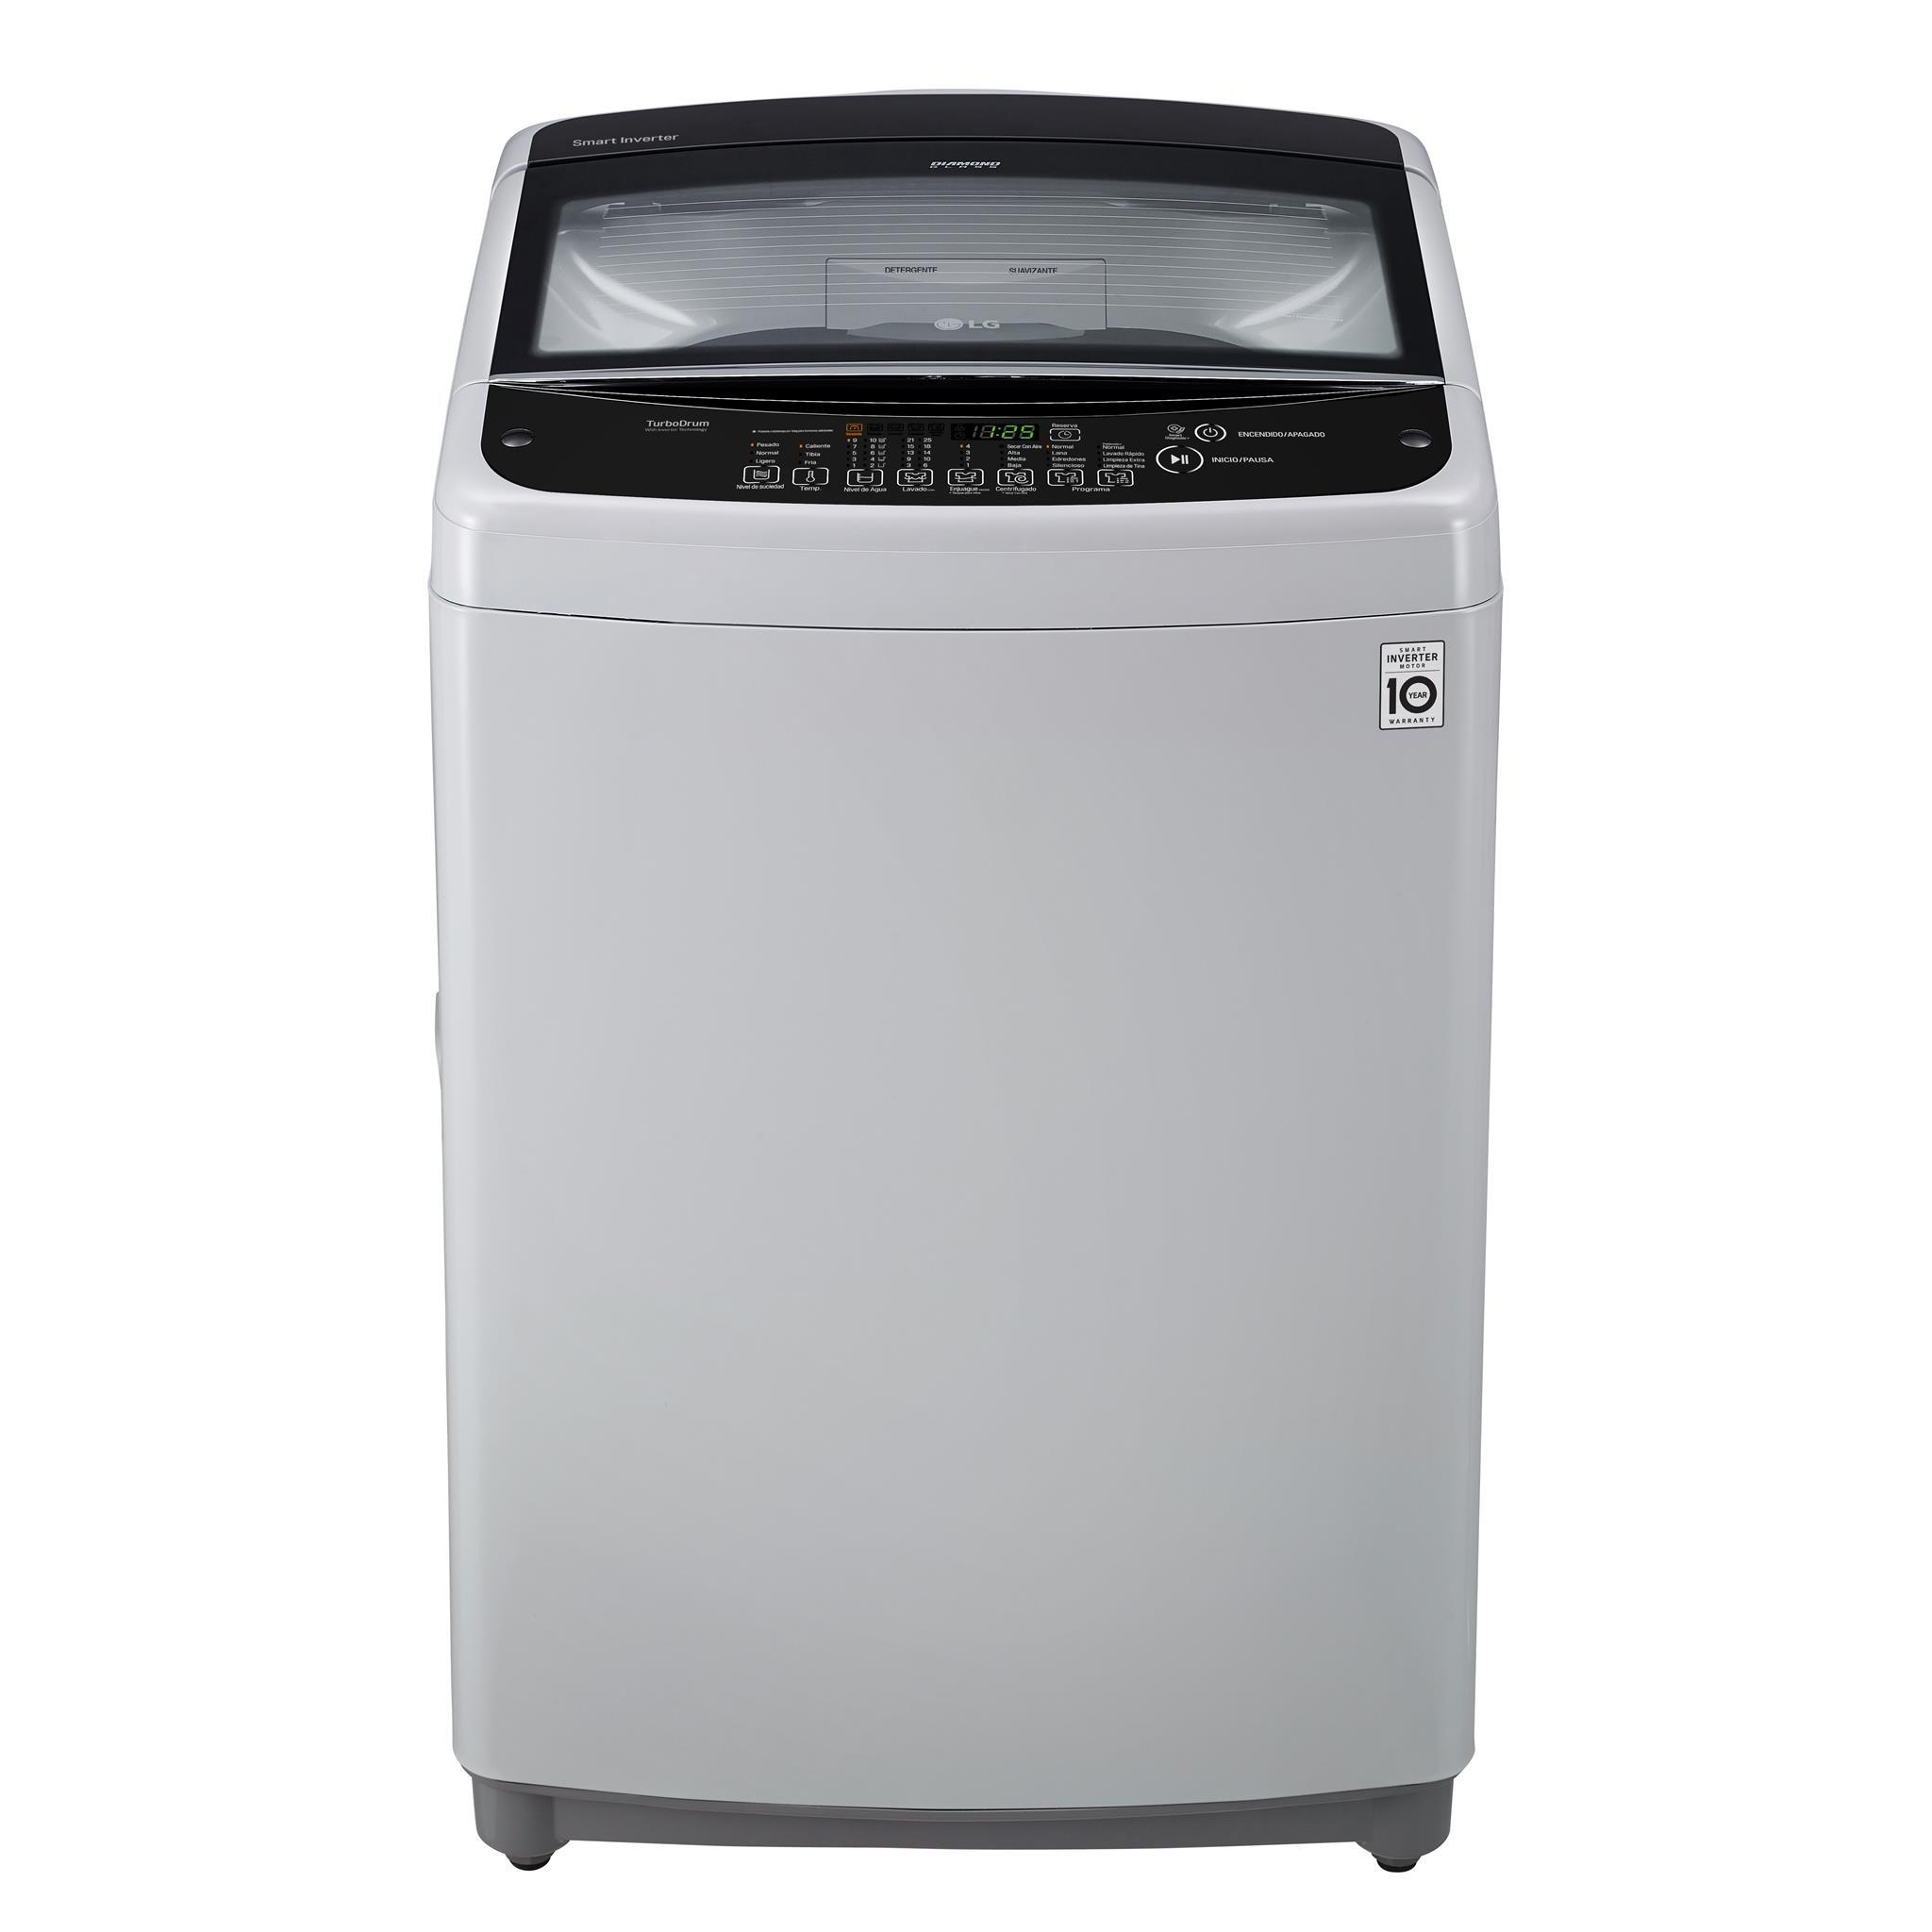 Lavadora LG Carga Superior 19 Kilogramos WT19DSB Gris